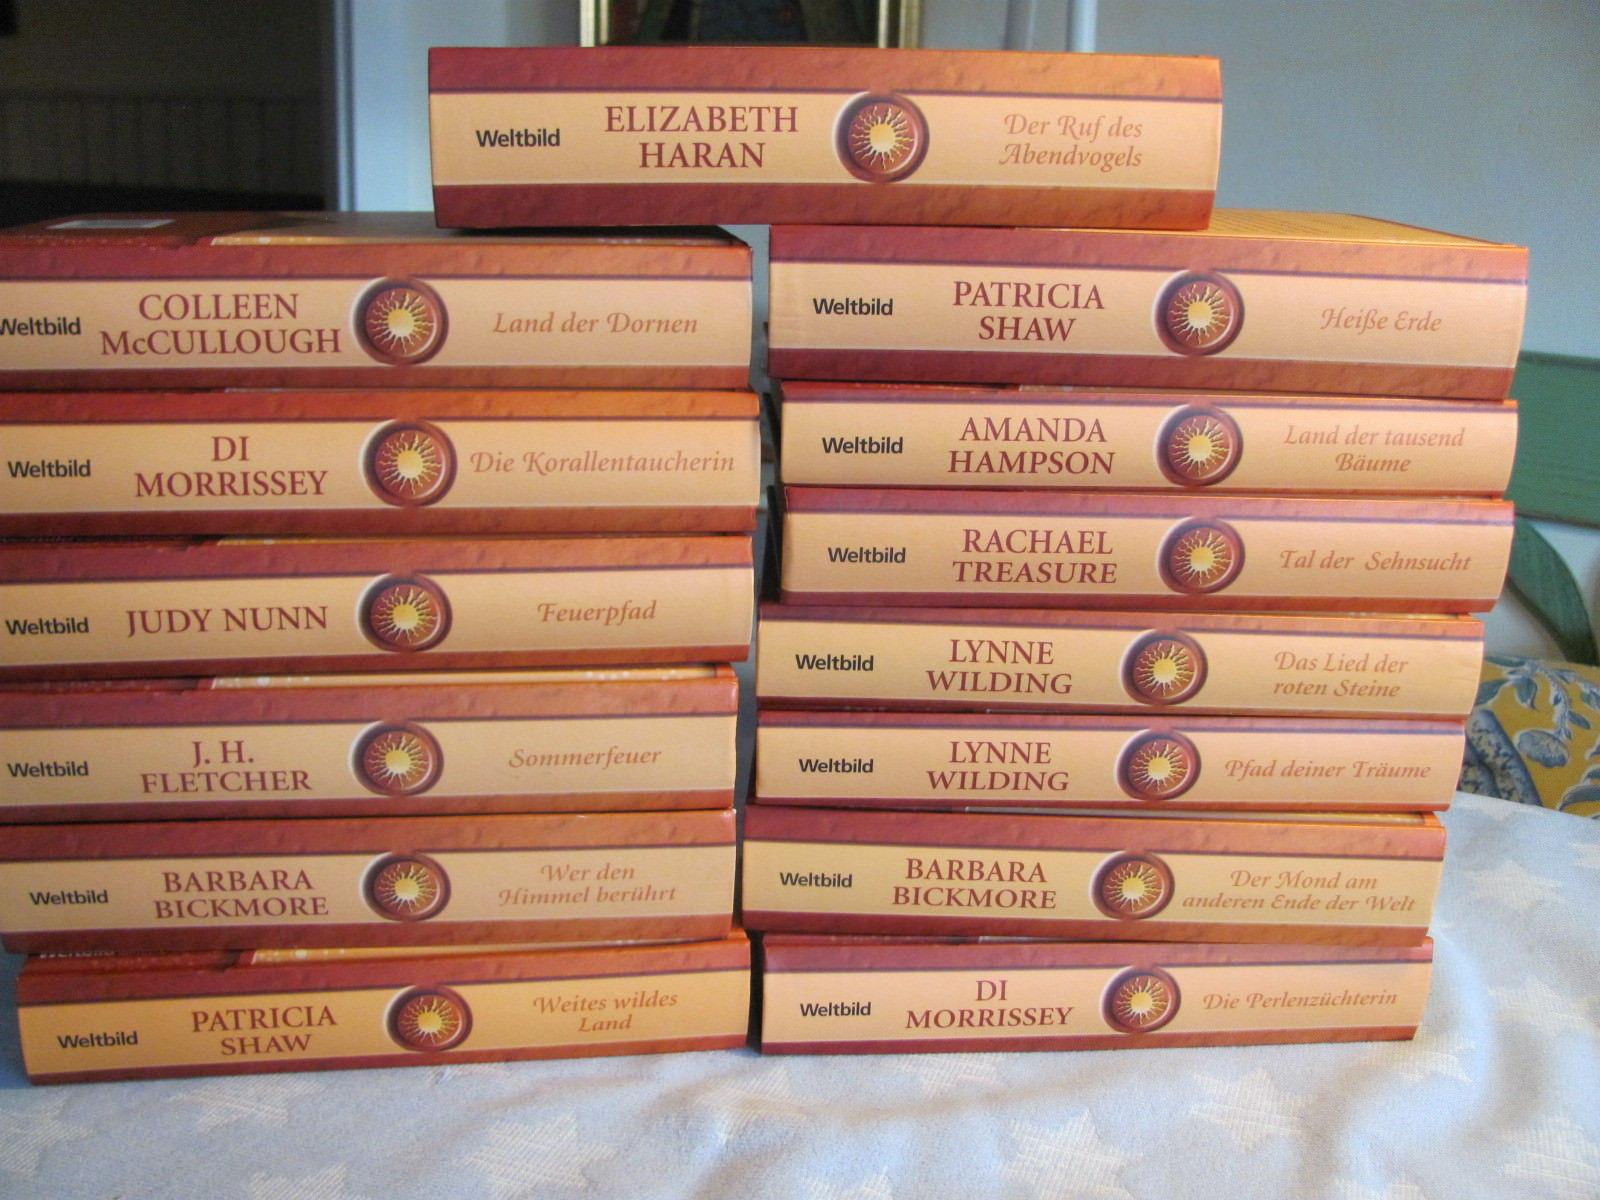 14 Bücher Weltbild Sammler Edition - Hardcover - Weltliteratur - s.g.Zustand